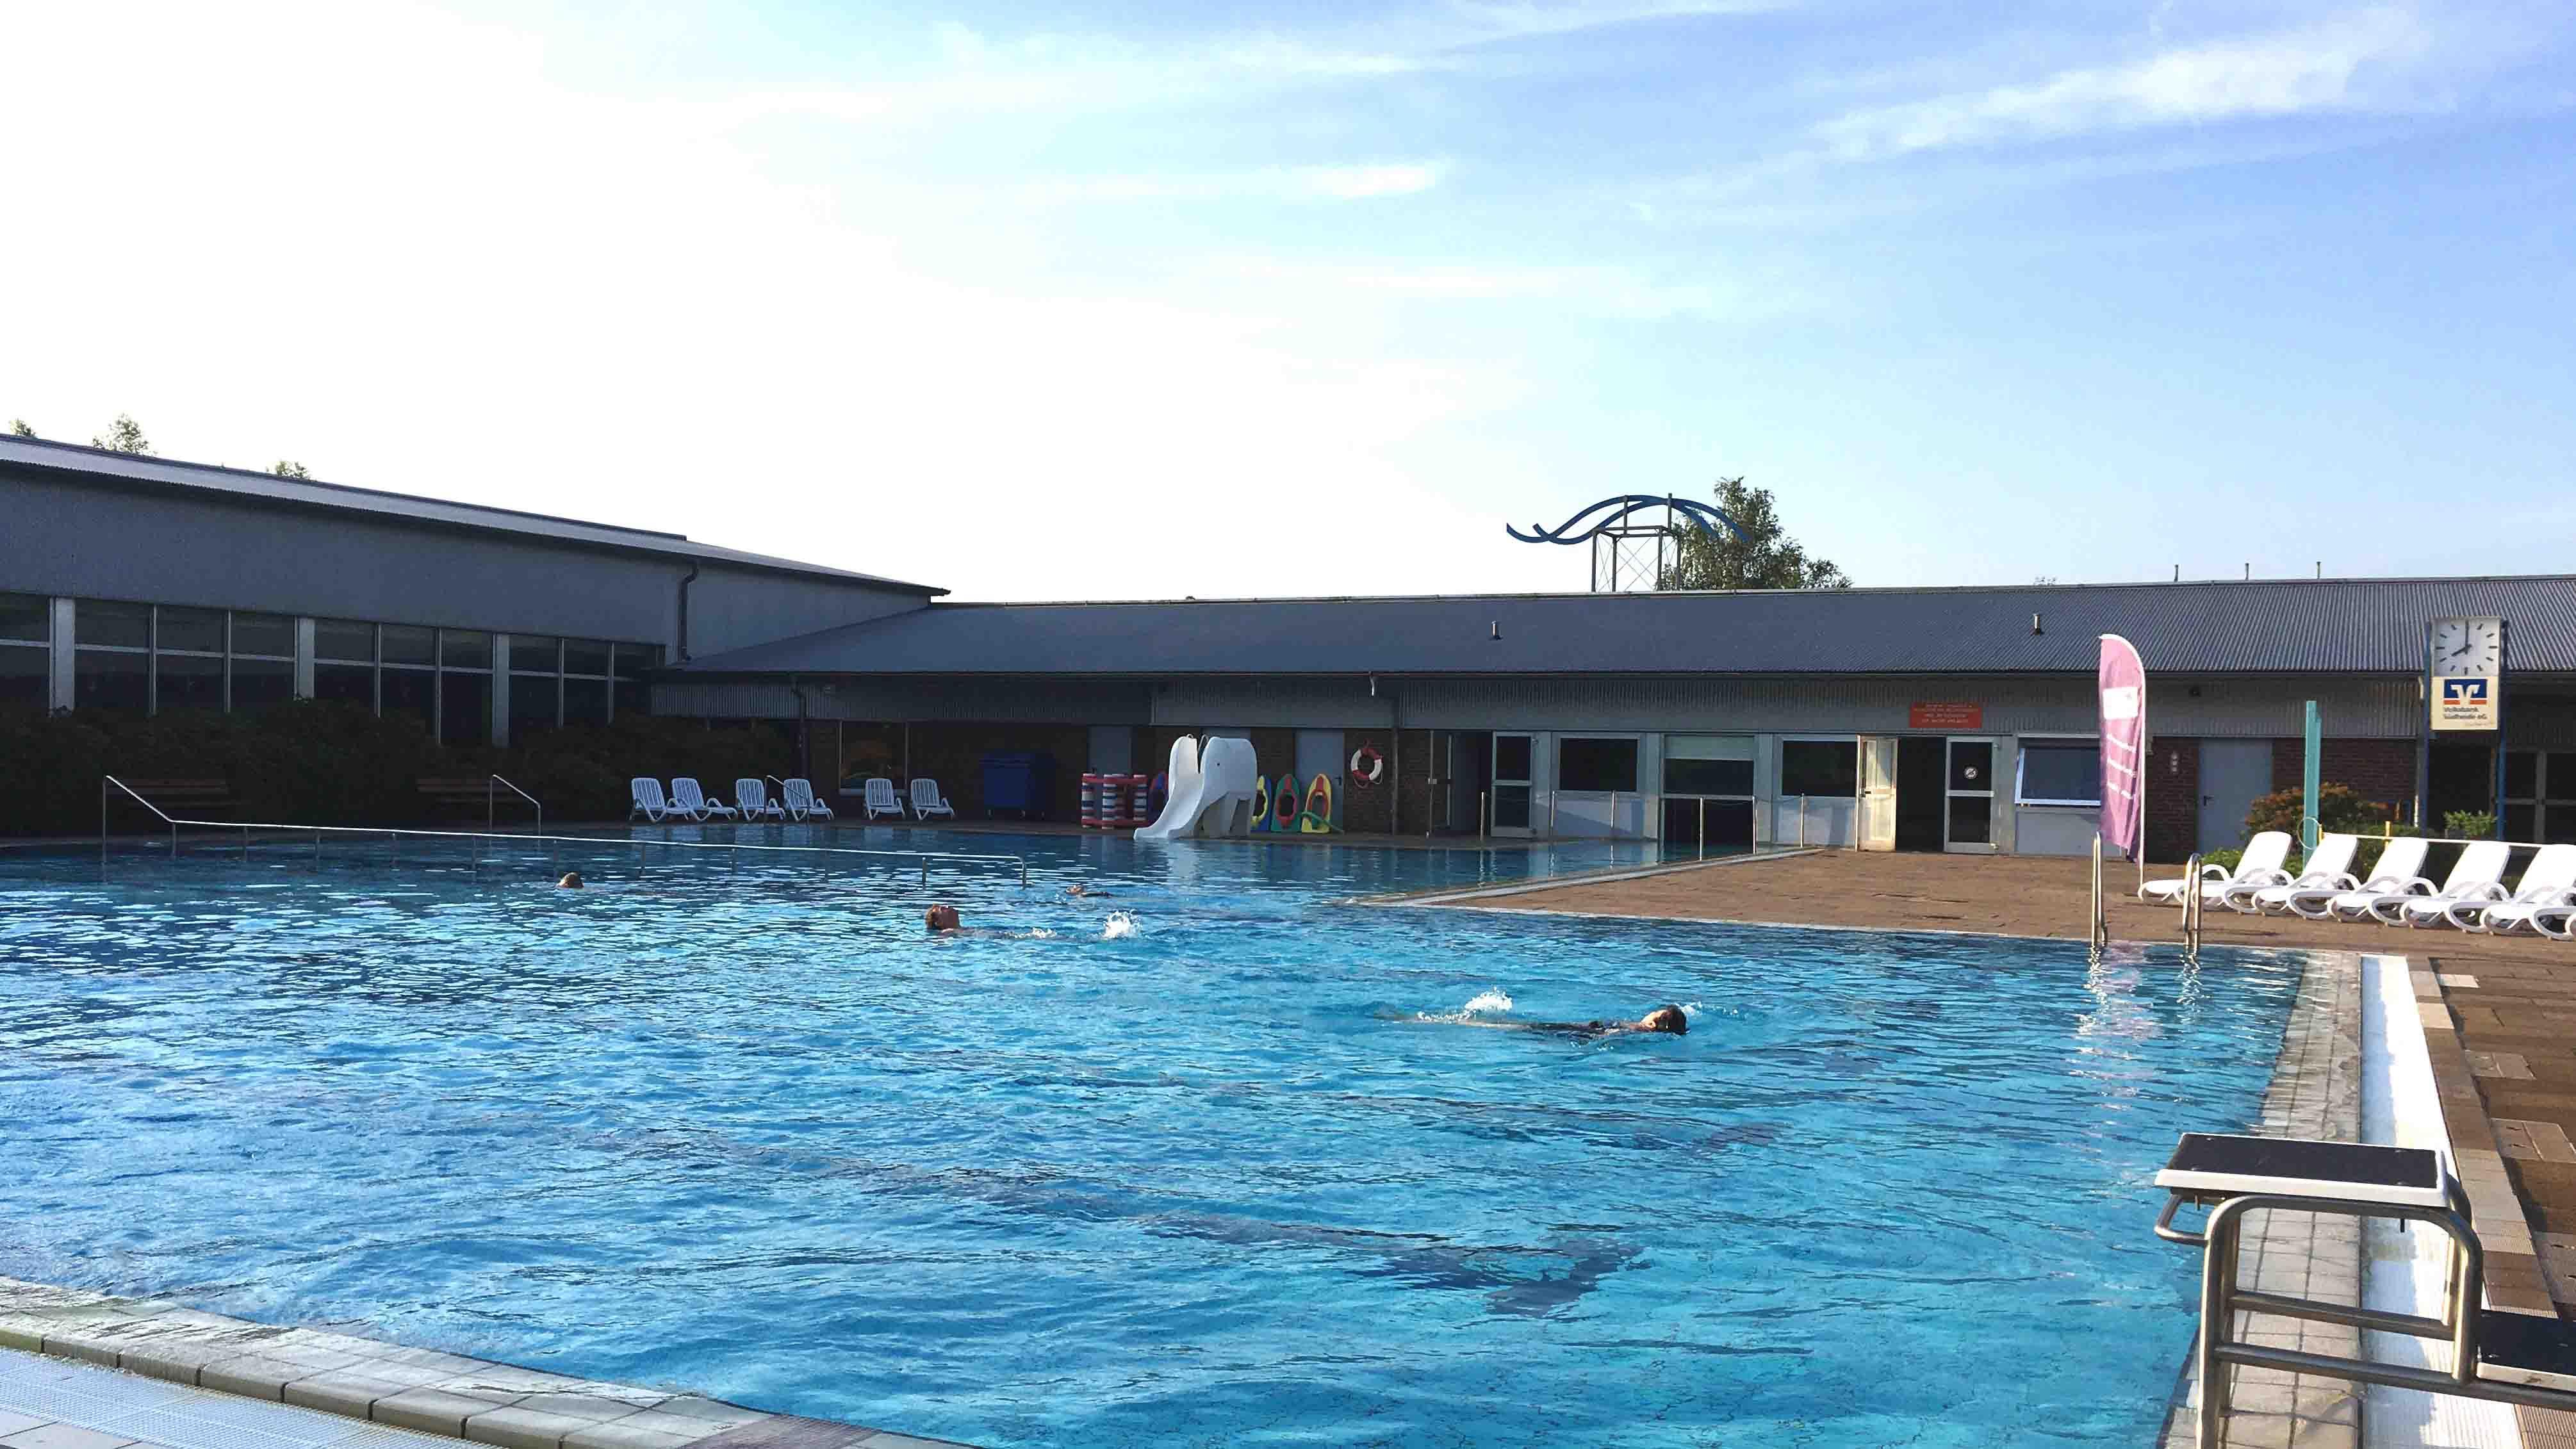 winsen-schwimmbad-freibad